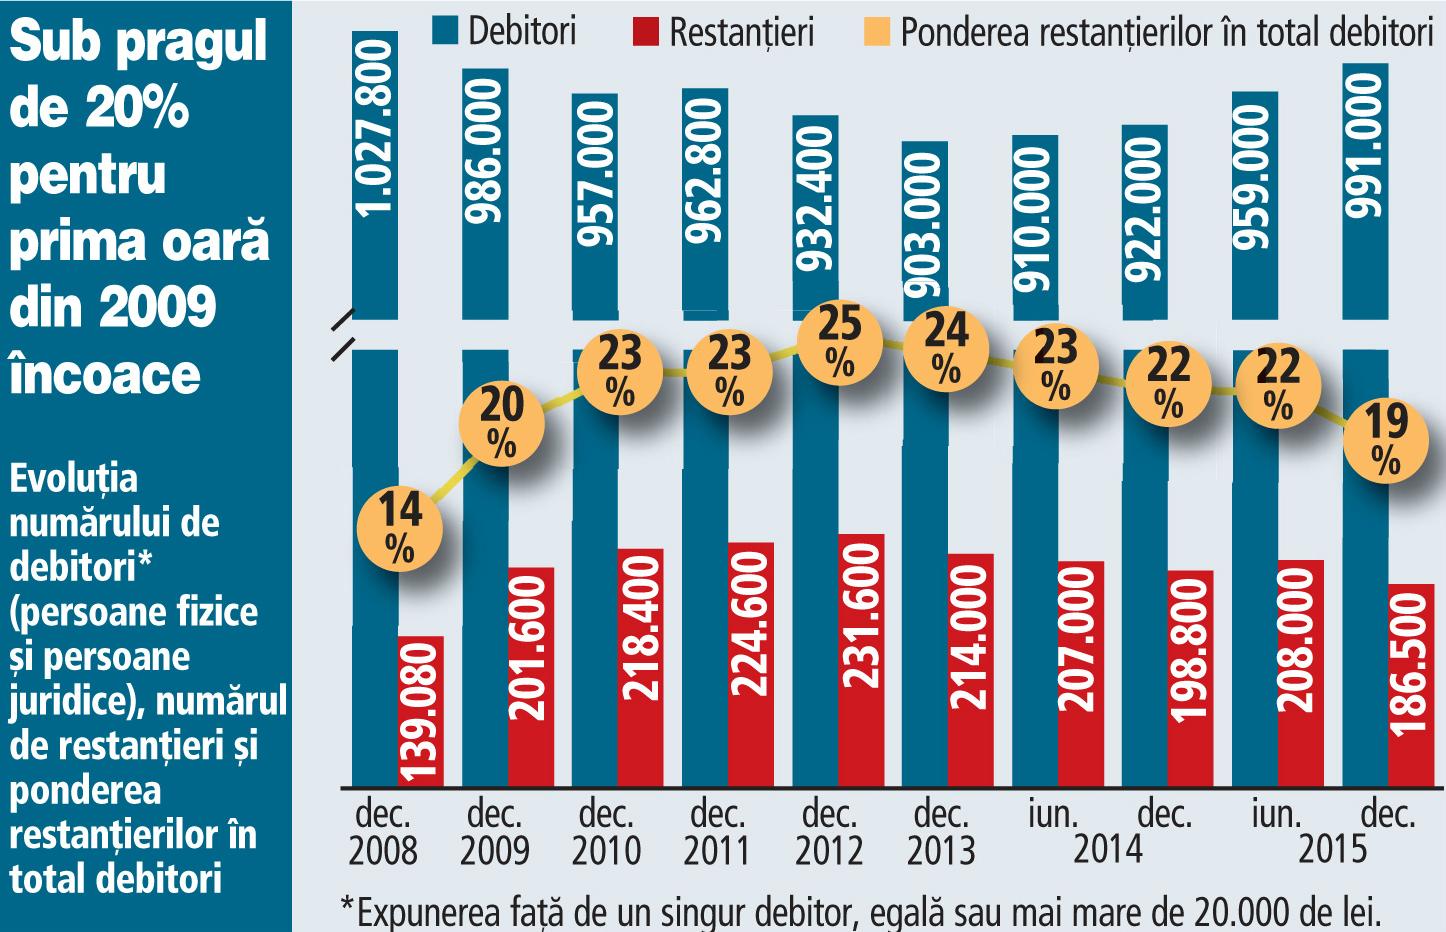 Statisticile BNR confirmă că bancherii au mai puţine bătăi de cap. Ponderea restanţierilor în totalul debitorilor băncilor a scăzut sub 20% pentru prima oară în ultimii opt ani